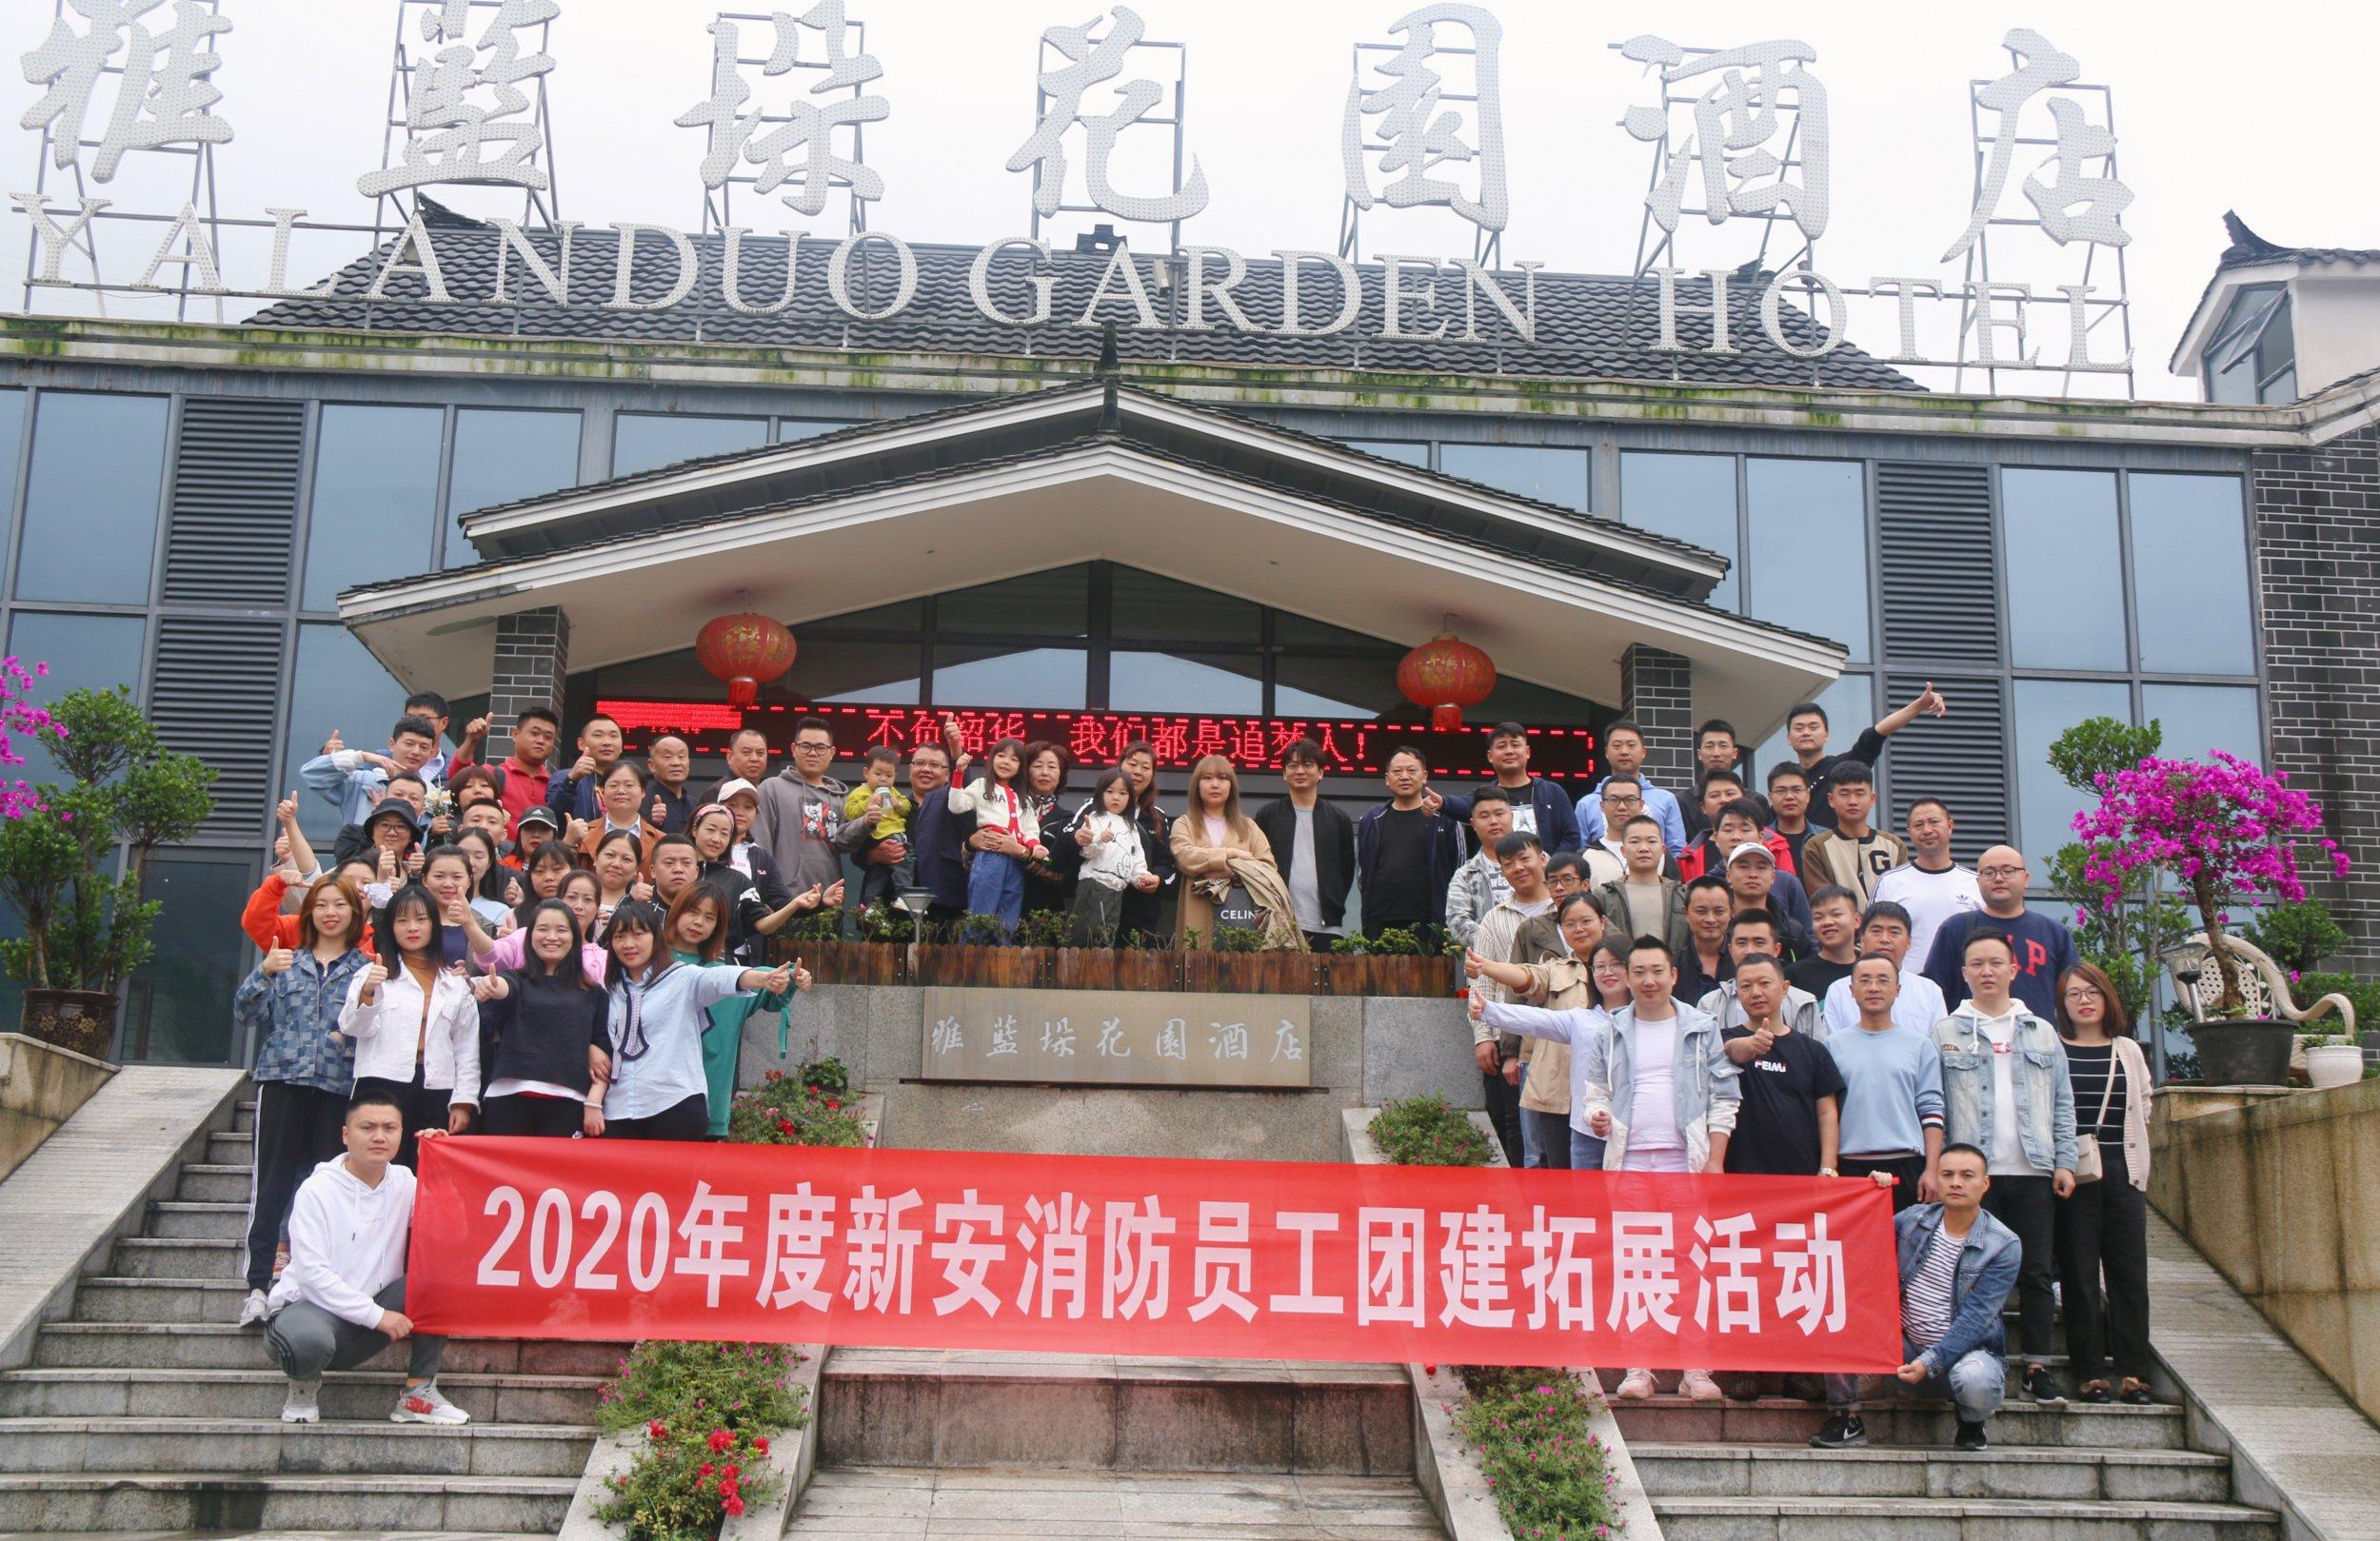 新安消防全體員工在雅安開展2020年度團建拓展活動